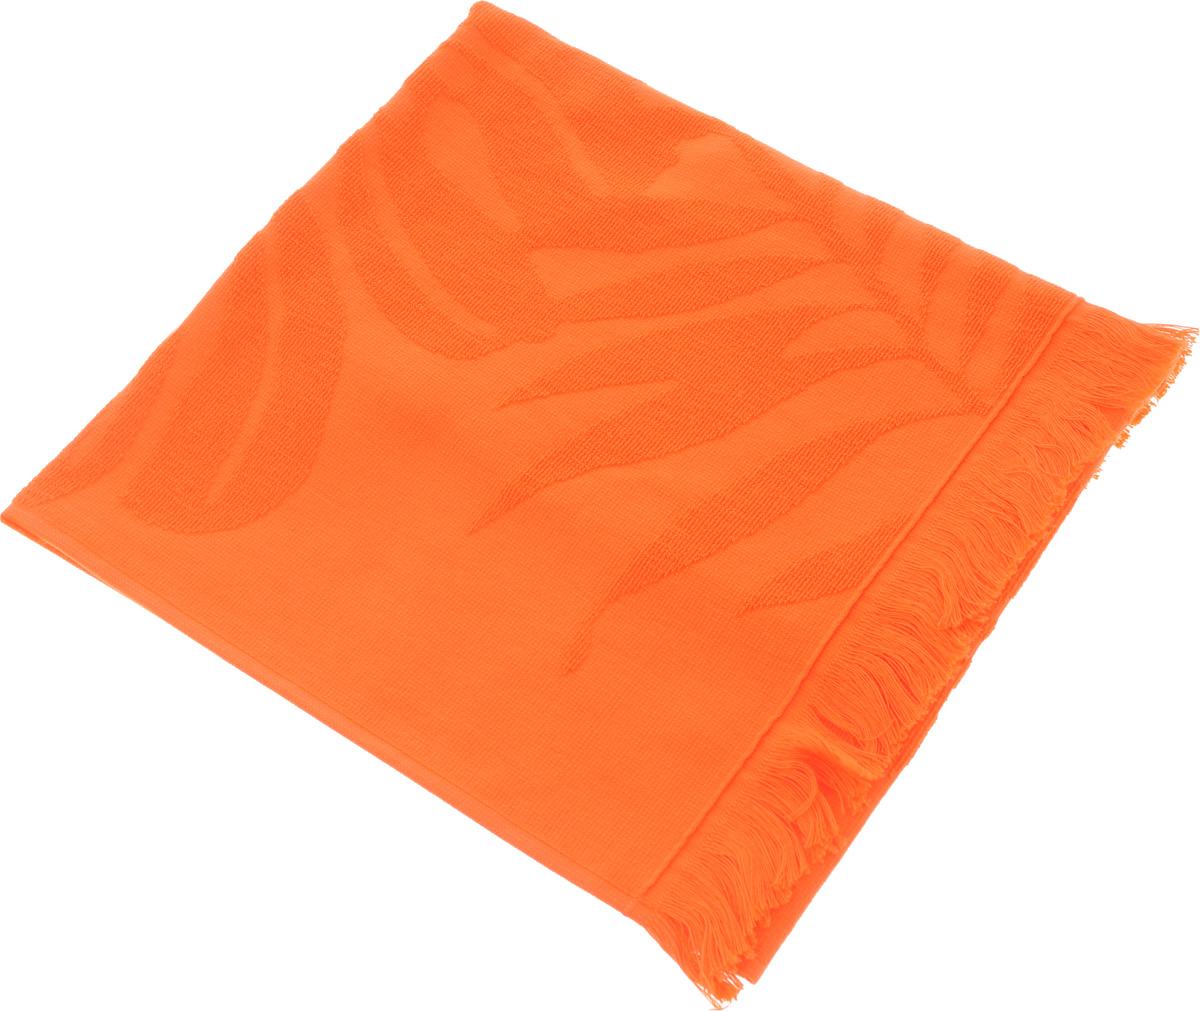 Полотенце Issimo Home Nadia, цвет: оранжевый, 70 x 140 см68/5/2Полотенце Issimo Home Nadia выполнено из 100% хлопка. Изделие отлично впитывает влагу, быстро сохнет, сохраняет яркость цвета и не теряет форму даже после многократных стирок. Полотенце очень практично и неприхотливо в уходе. Оно прекрасно дополнит интерьер ванной комнаты.